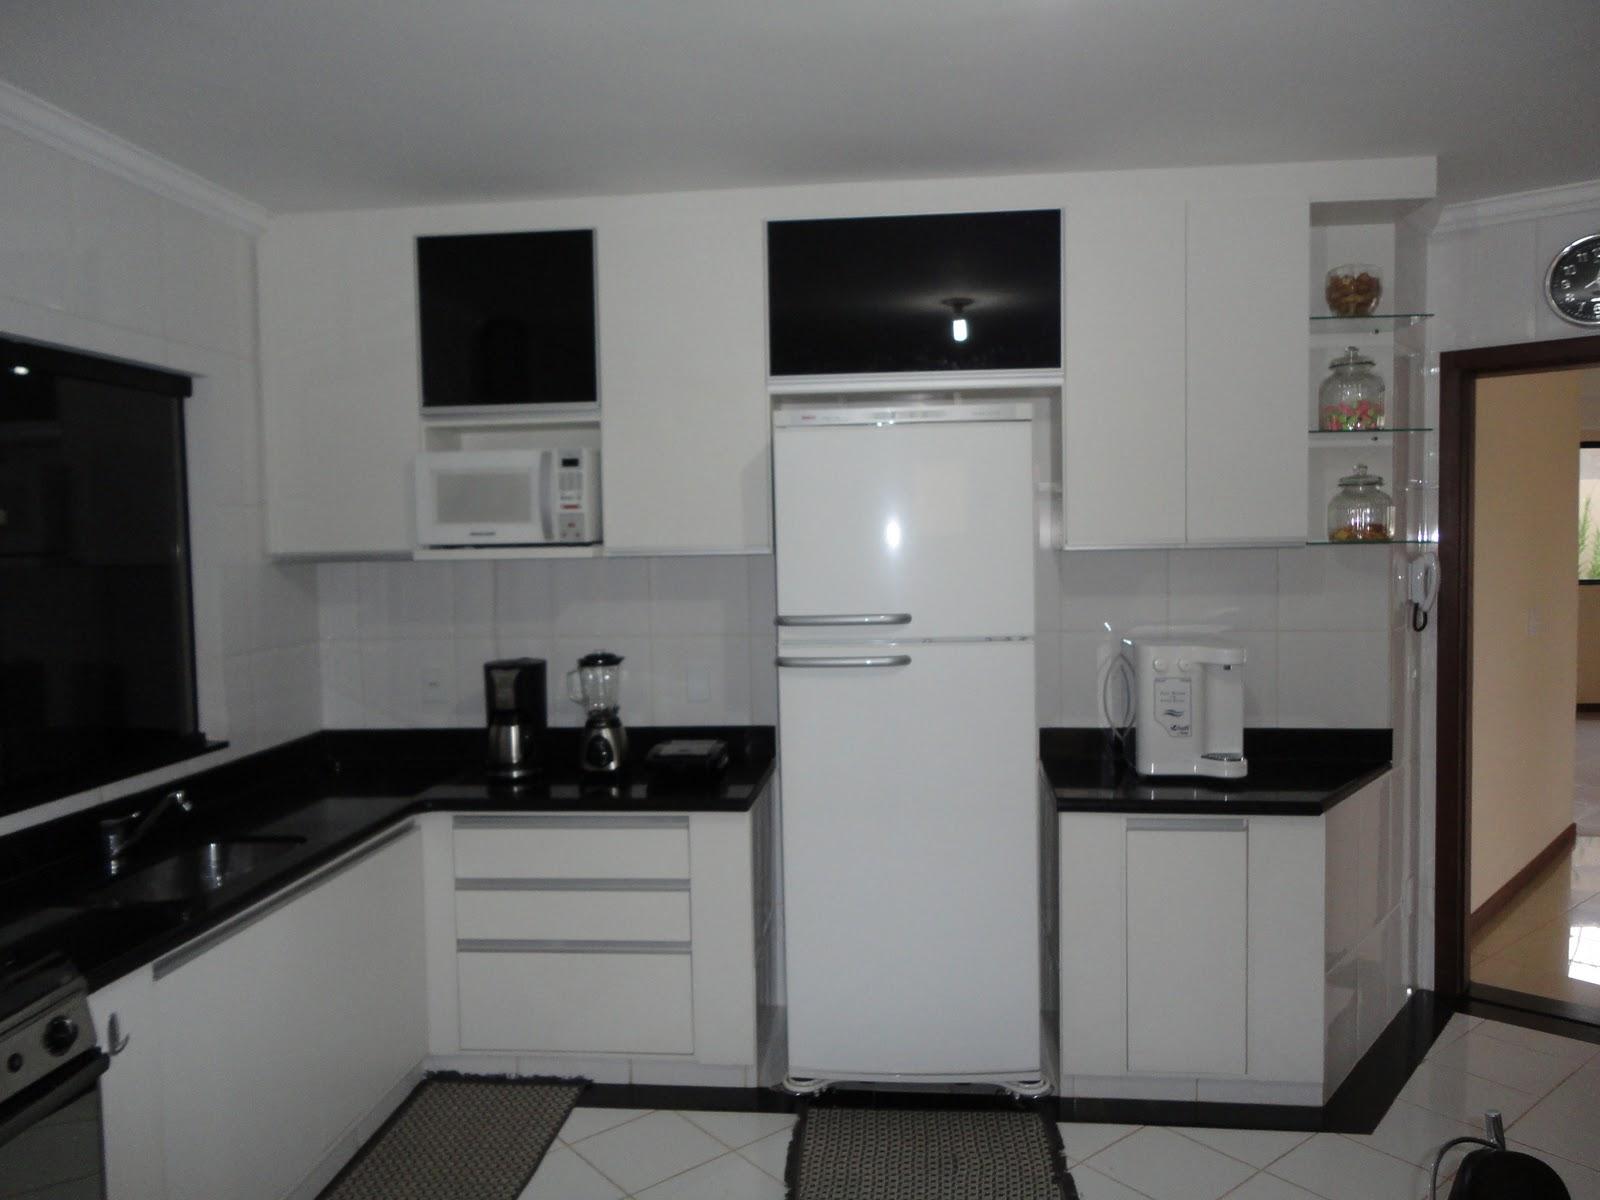 Tendências em cozinhas planejadas #6E5F4E 1600 1200